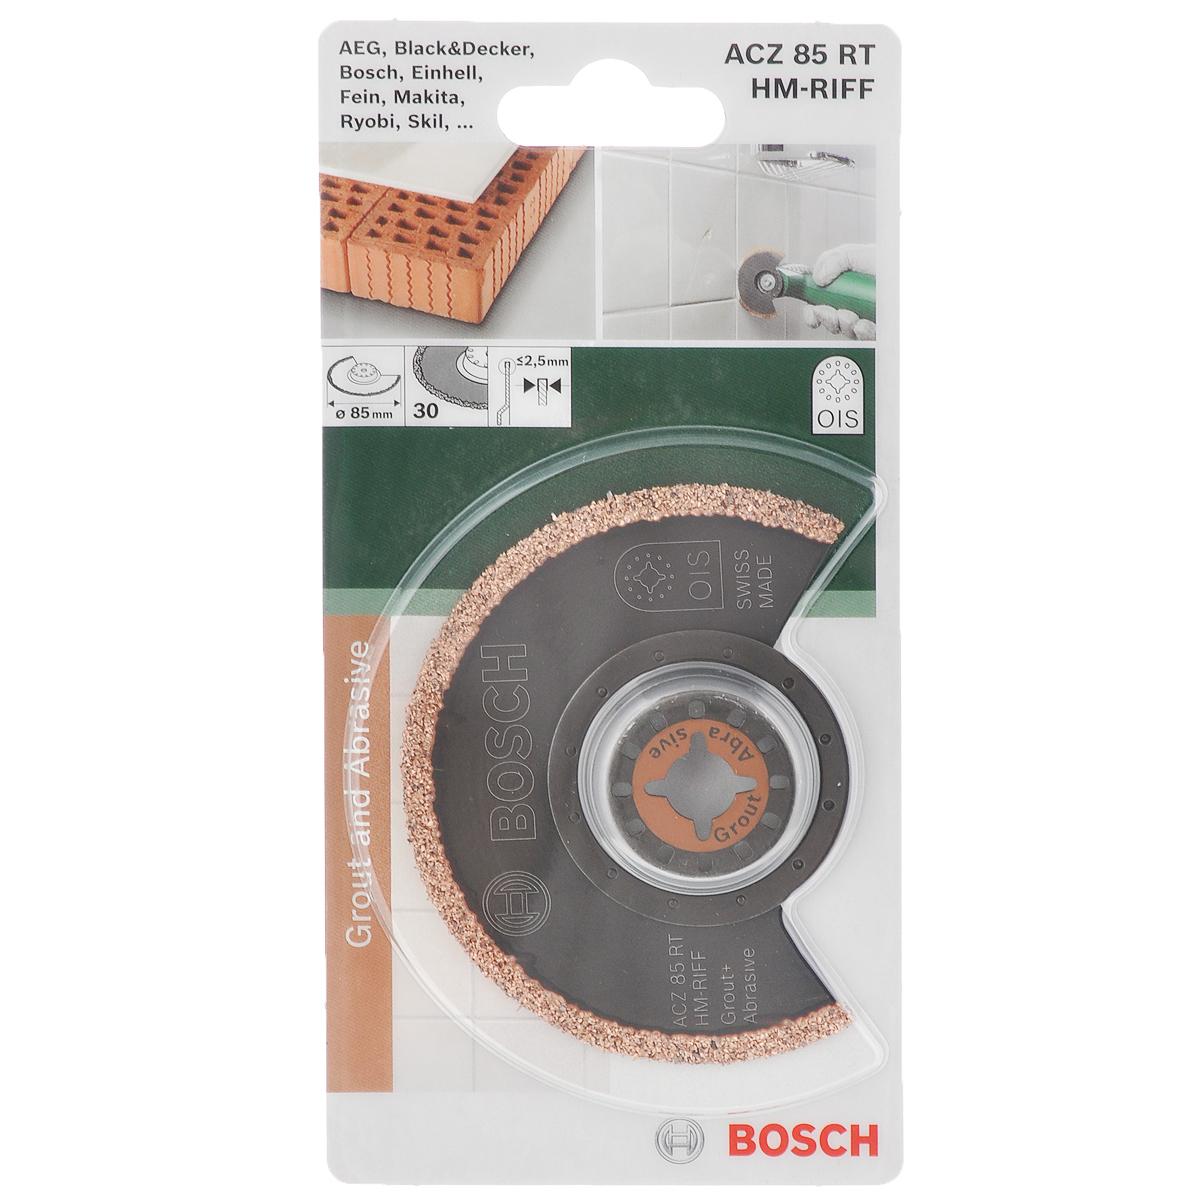 Пильное полотно Bosch HM-Riff, диаметр 85 мм2609256952Сегментированное пильное полотно Bosch HM-Riff предназначено для фрезерования с помощью универсальных дельташлифмашин. Подходит для моделей Bosch GOP 10.8 V-LI, GOP 250 CE Professional, PMF 10.8 LI, PMF 180 E, Fein Multimaster FMM 250 (d 10 мм). Совместно с универсальным переходником (приобретается отдельно) возможно применение с другими стандартными Multi - Cutter. Полотно может быть использовано для фрезерования проемов и швов в керамической плитке и бетоне. Идеально подходит для фрезерования при прокладке кабелей. За счет 12-точечной системы зажима OIS достигается оптимальная передача усилия. Оснастка имеет достаточно длительный период эксплуатации. Зернистость: 30. Толщина: <2,5 мм.